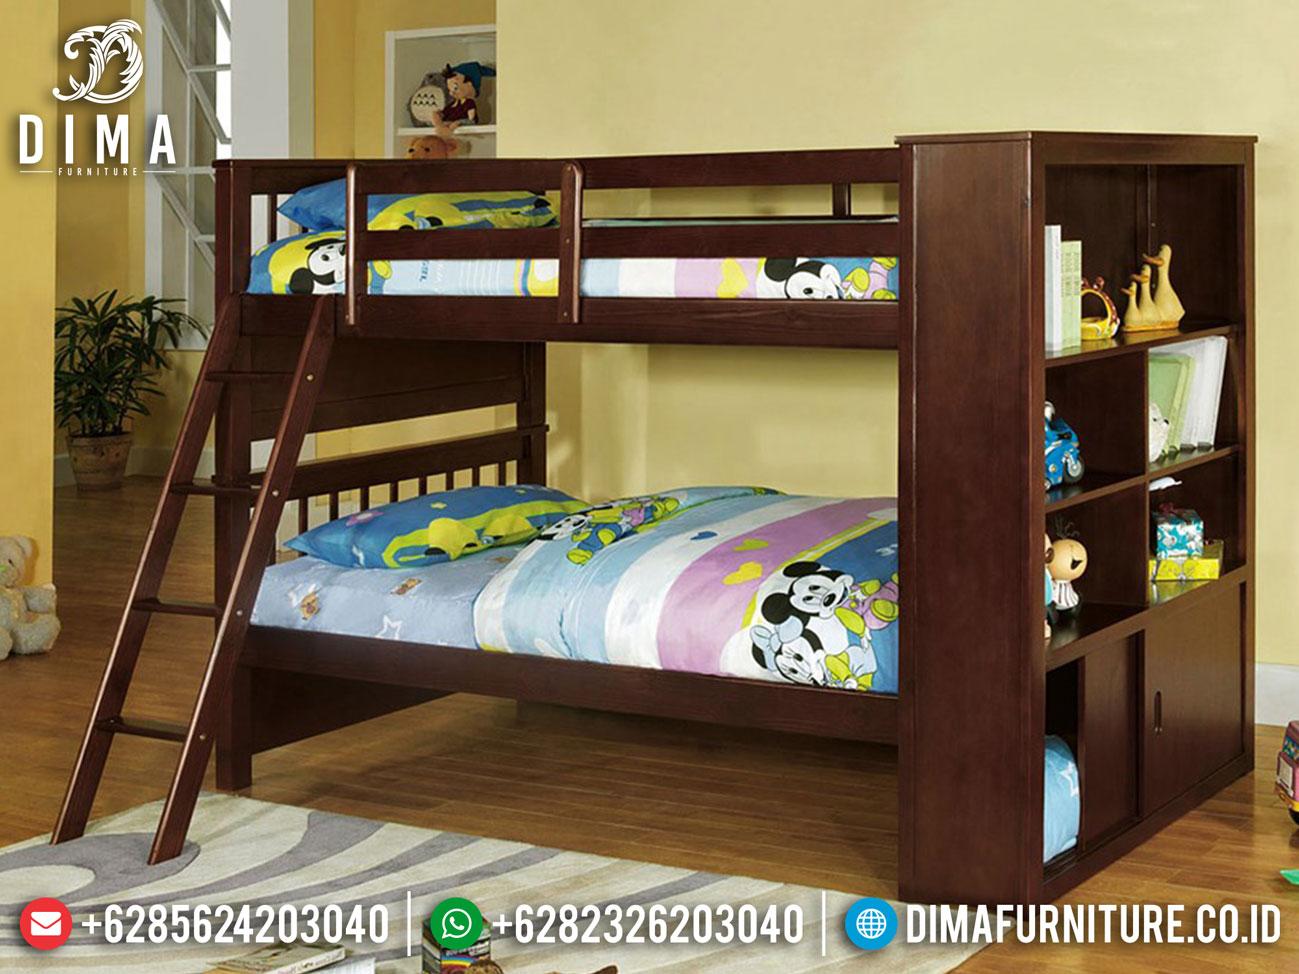 Tempat Tidur Anak Tingkat Jati Natural Klasik High Quality Jepara MM-0833